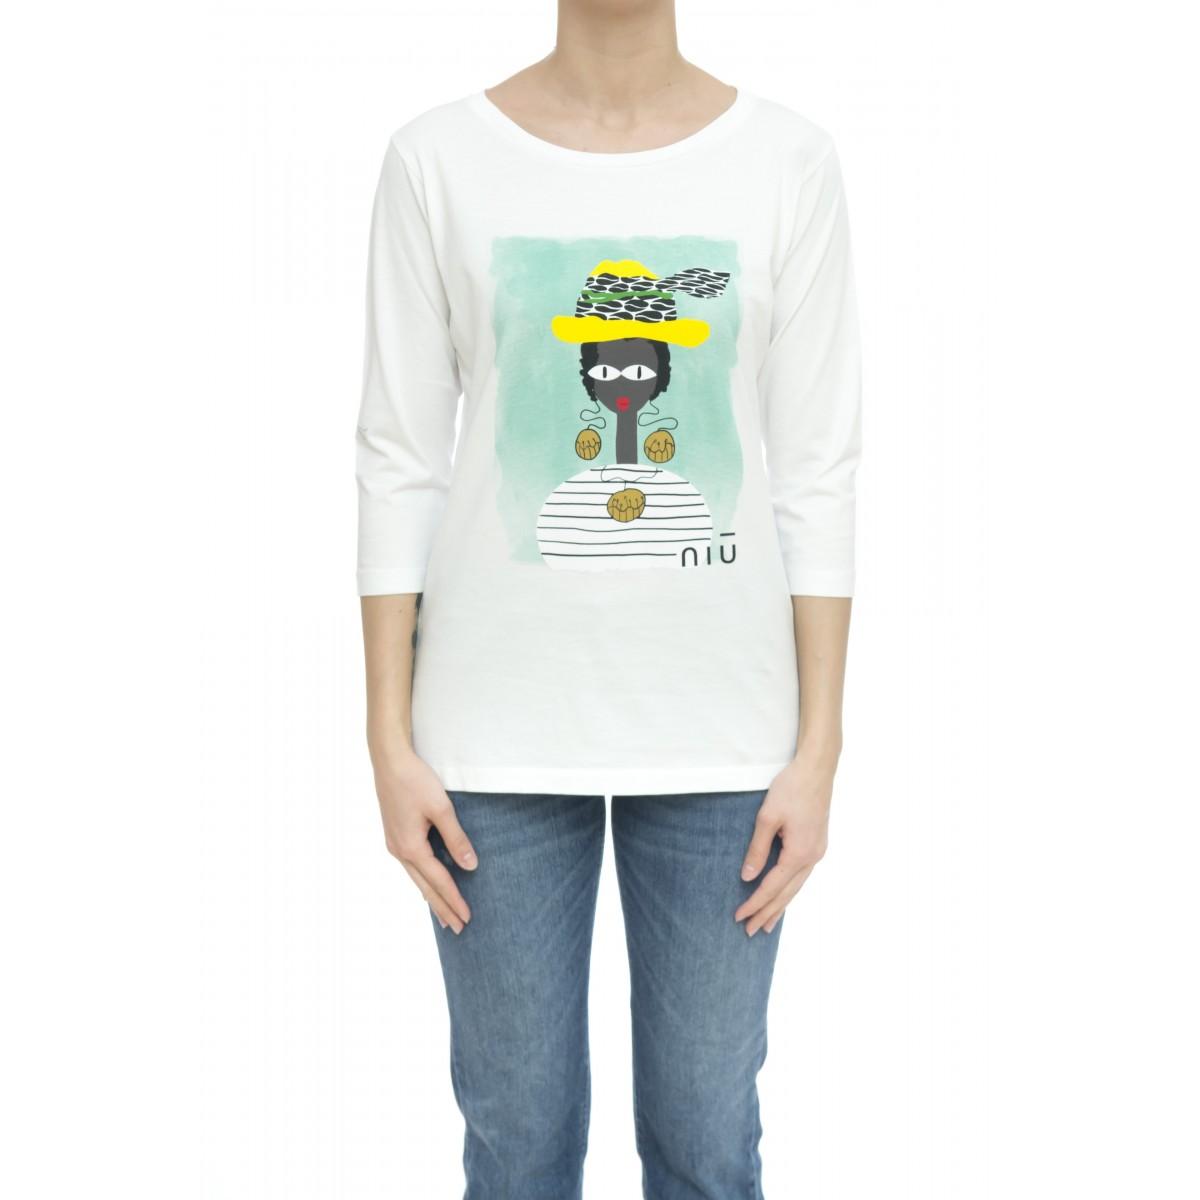 T-shirt - 595 j03 t-shirt 3/4